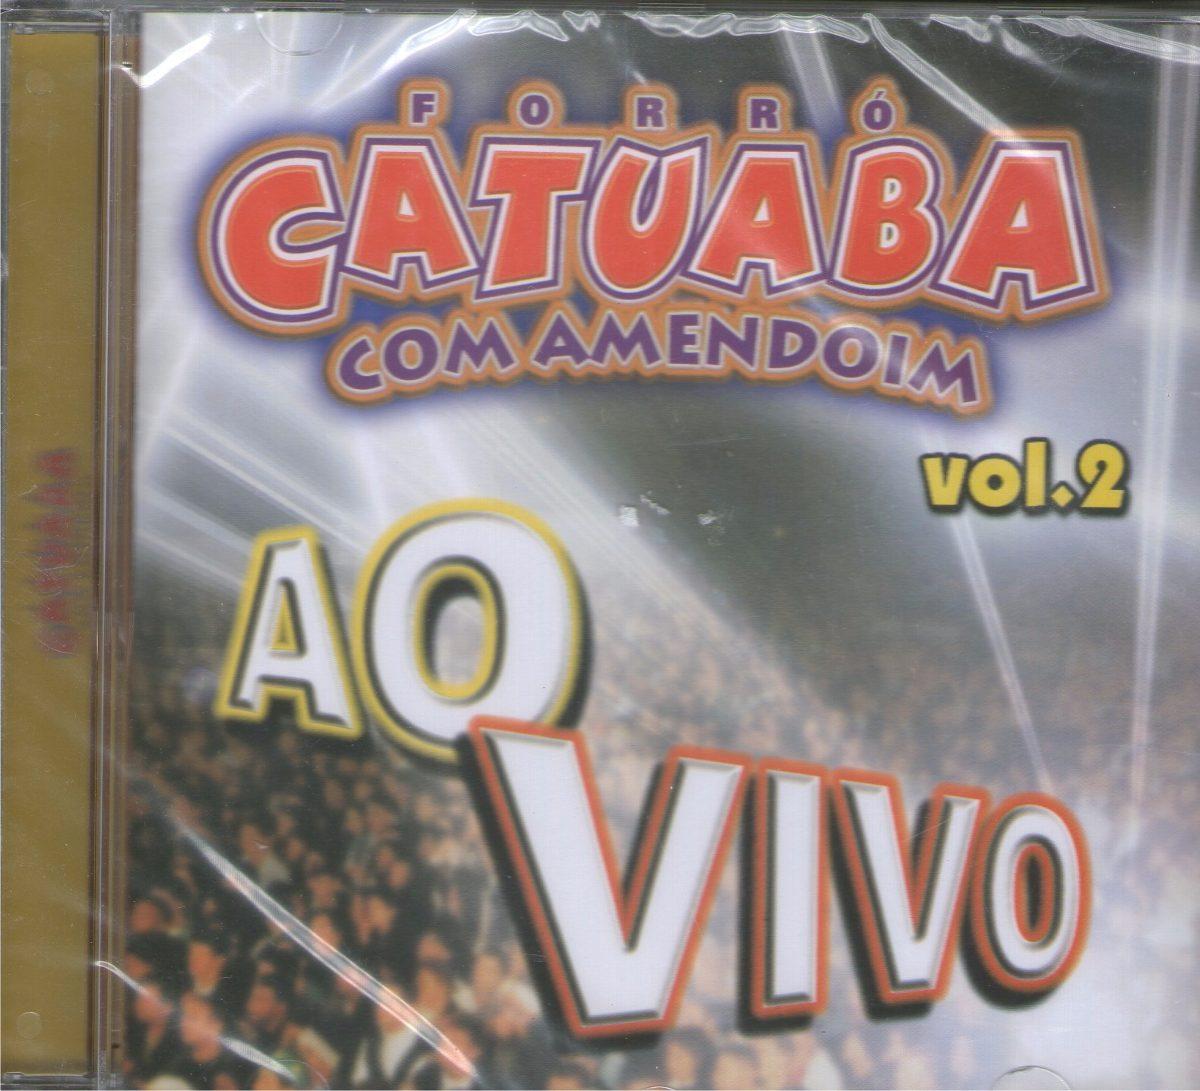 SAGA COM BAIXAR DE UM CATUABA CD VAQUEIRO AMENDOIM COMPLETO